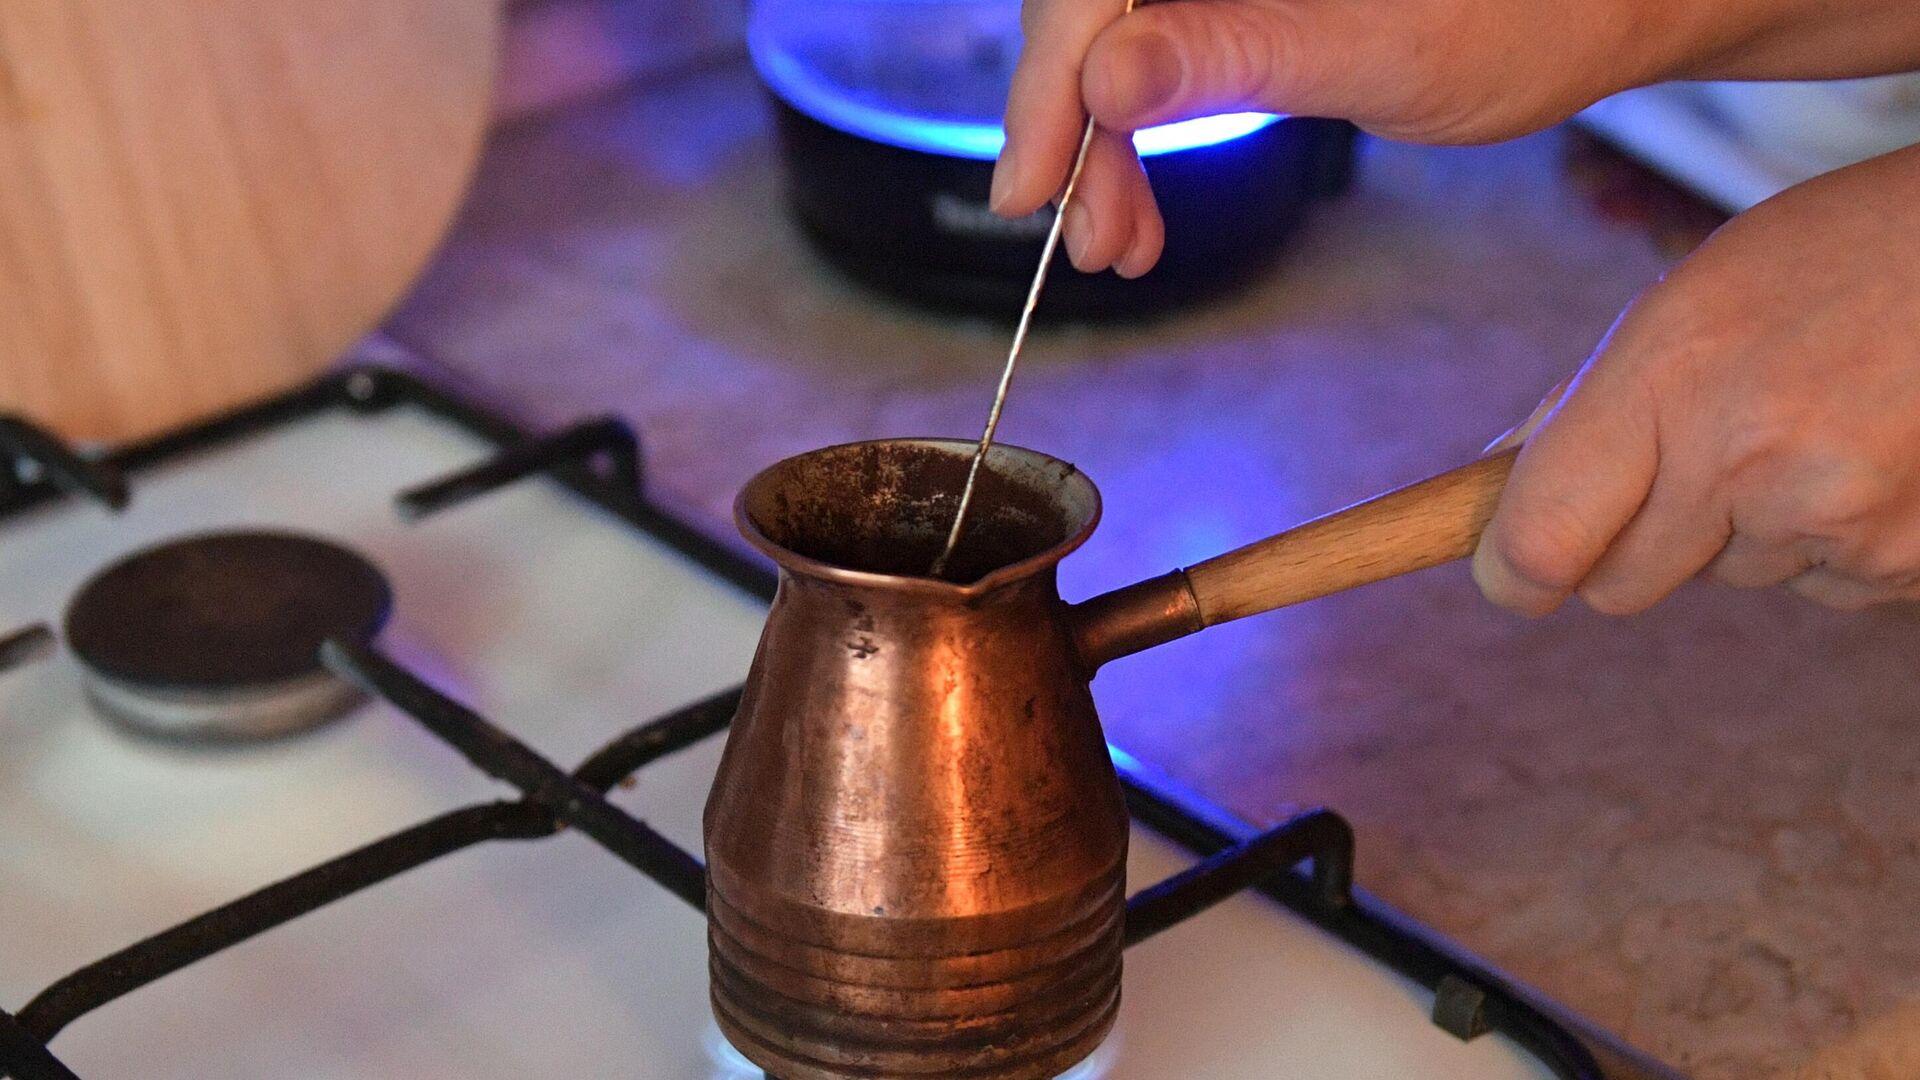 Приготовление кофе в турке на газовой плите - РИА Новости, 1920, 19.09.2021